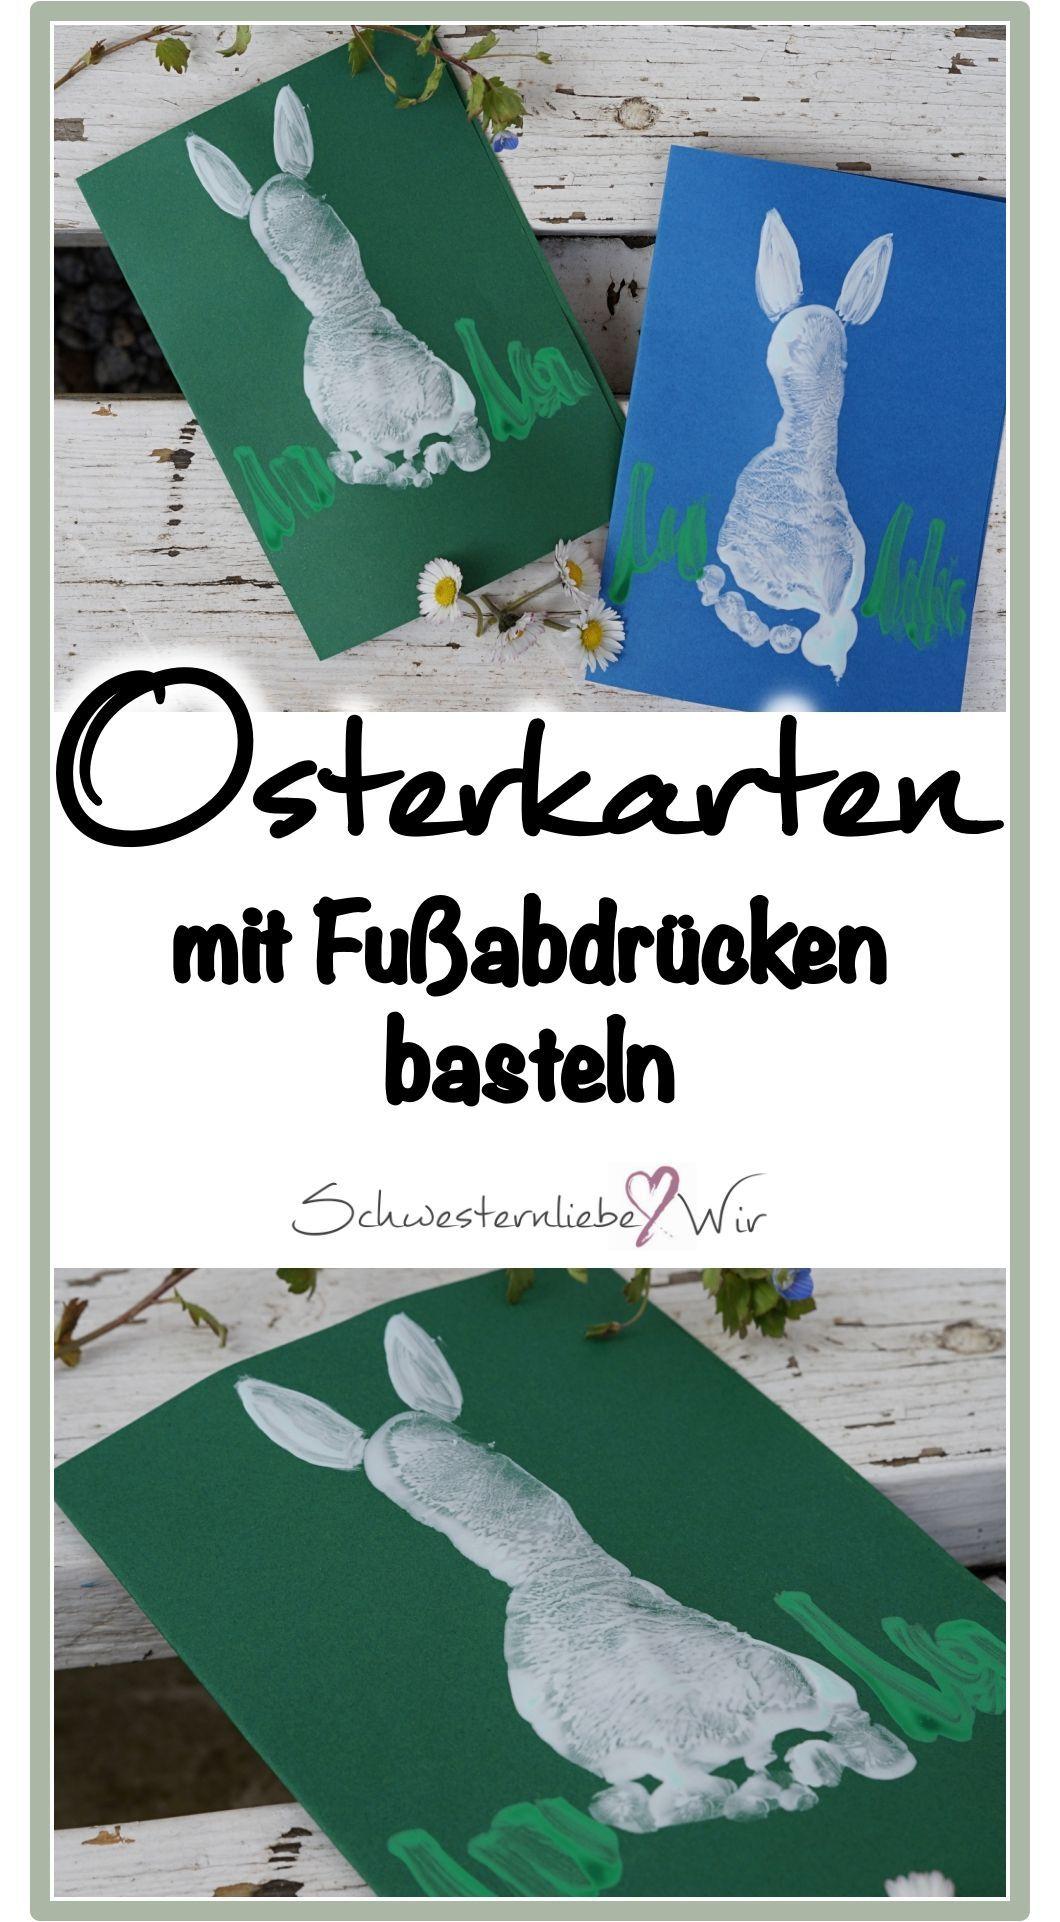 DIY // schattige konijnen - maak paaskaarten met (baby) voetafdrukken,  #Baby #Diy #diycraftforbaby #konijnen #Maak #met #paaskaarten #schattige #voetafdrukken